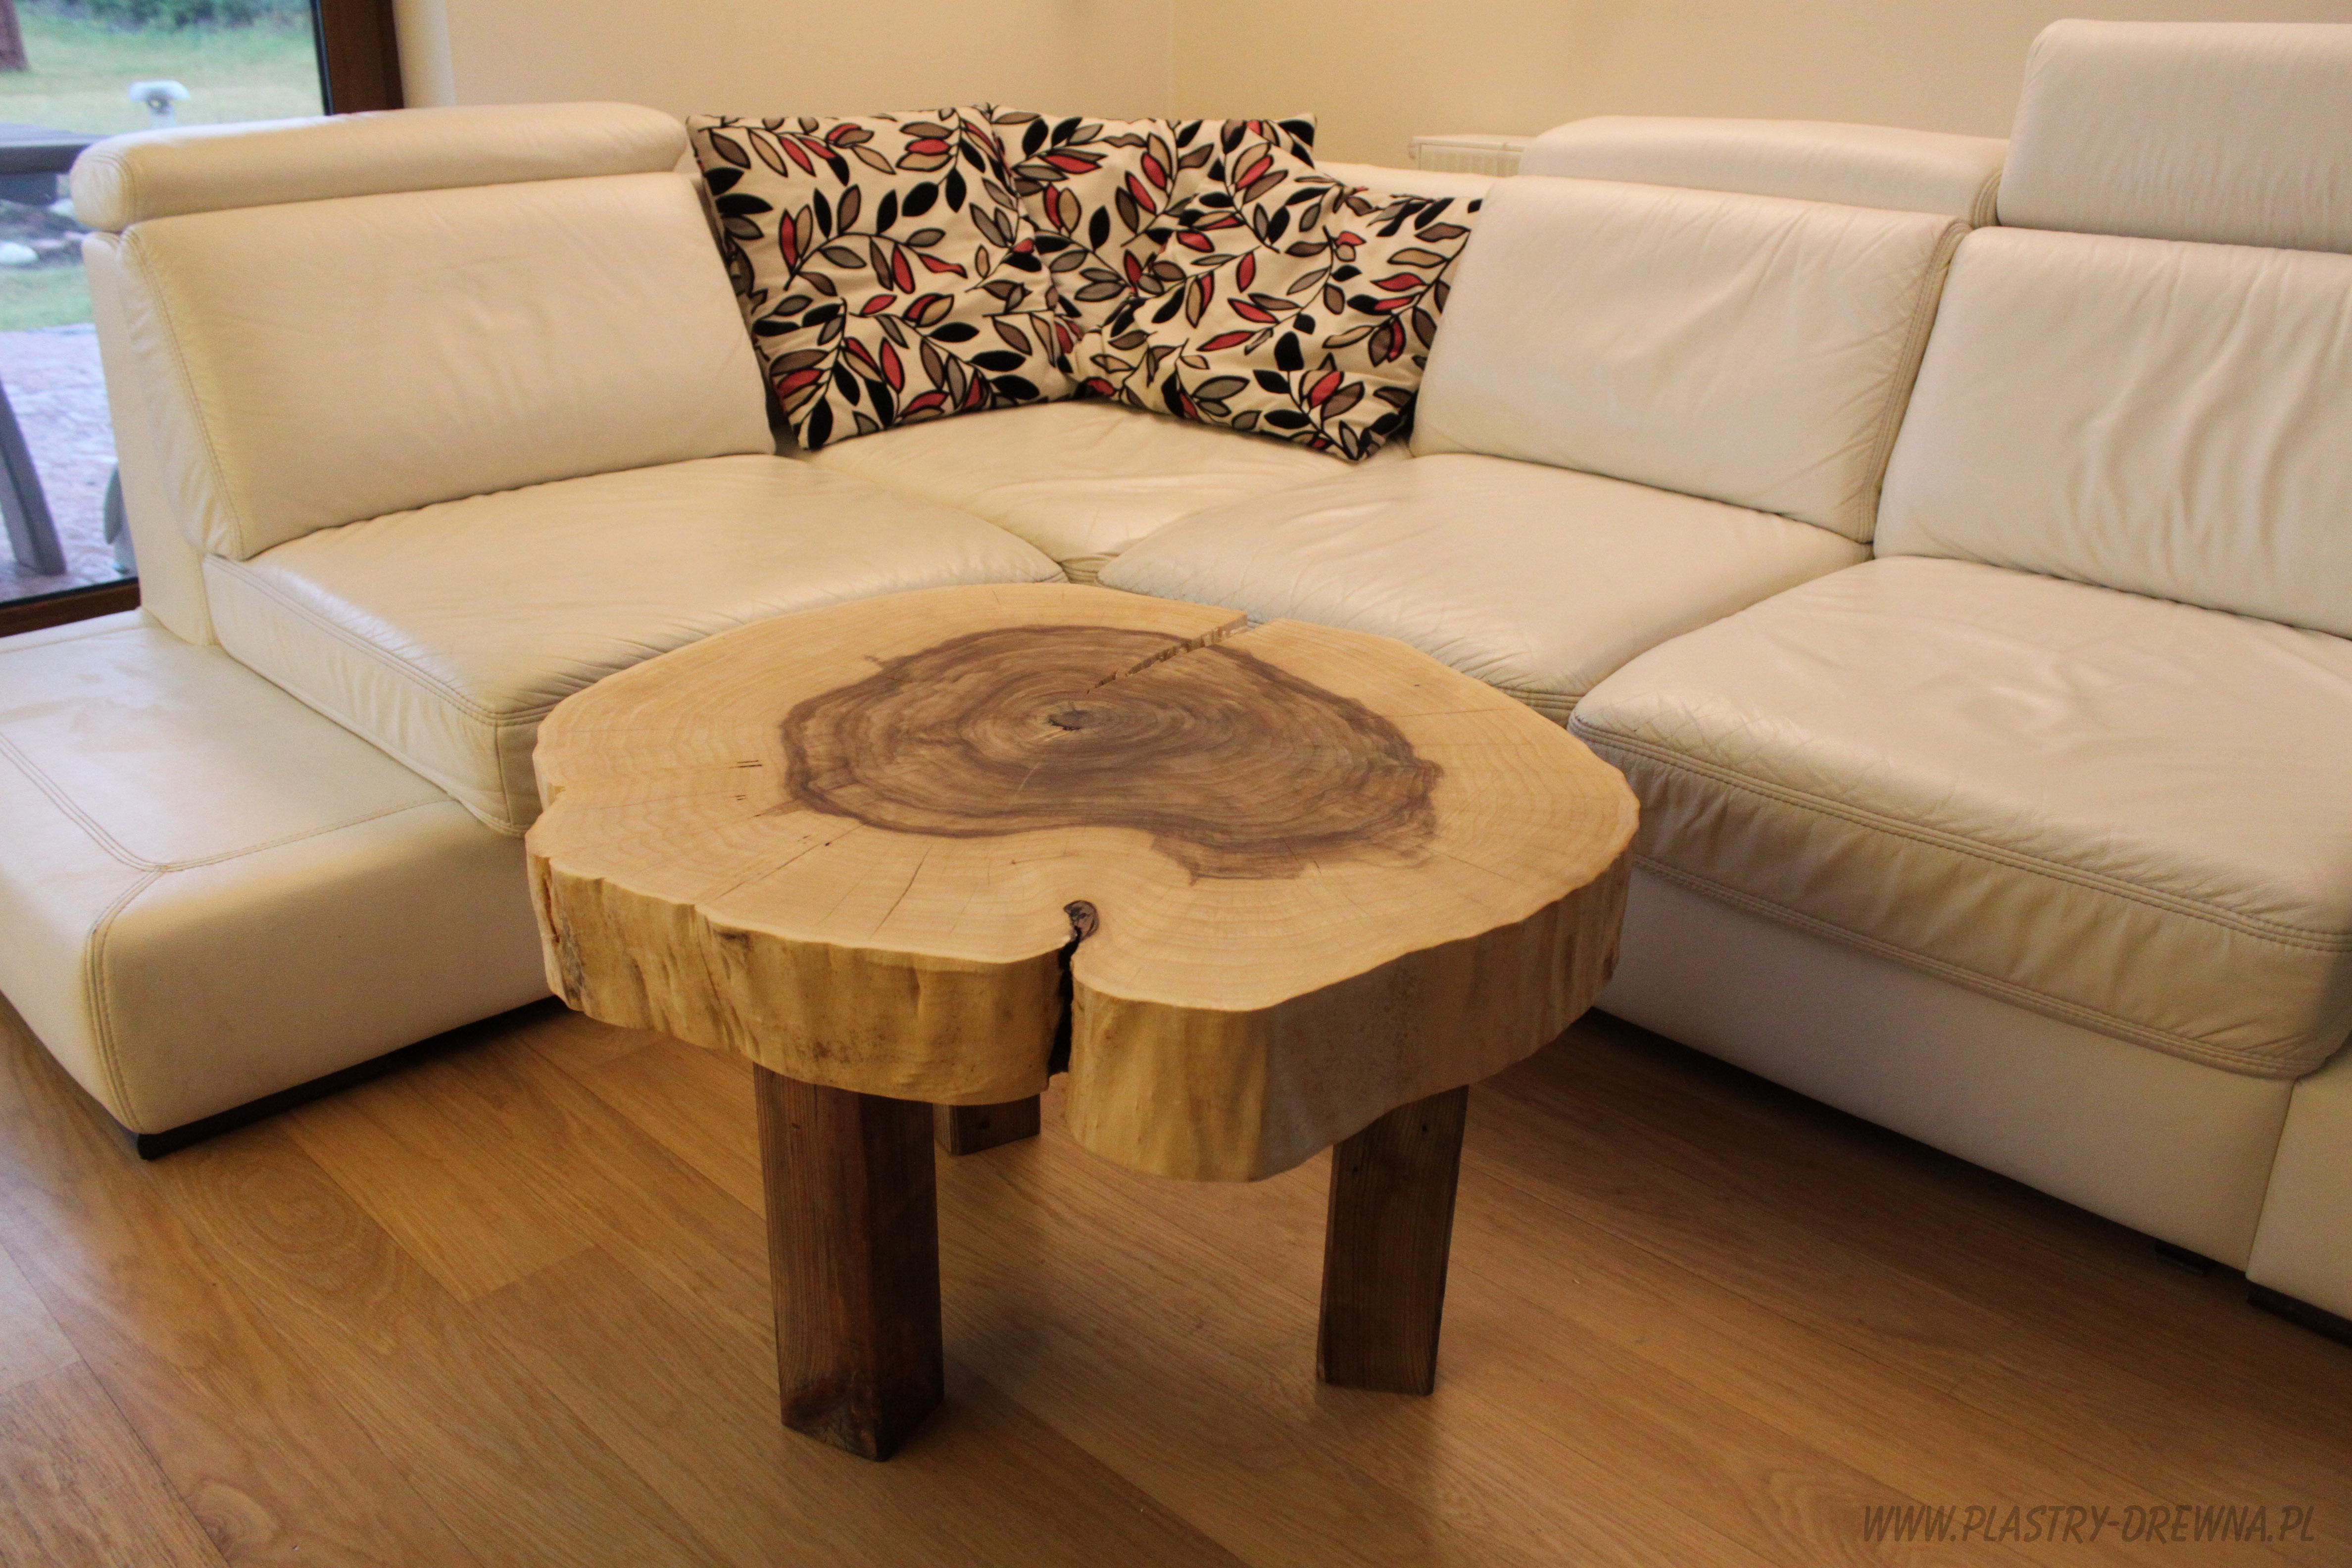 Stolik Kawowy Z Pnia Lub Plastra Drzewa